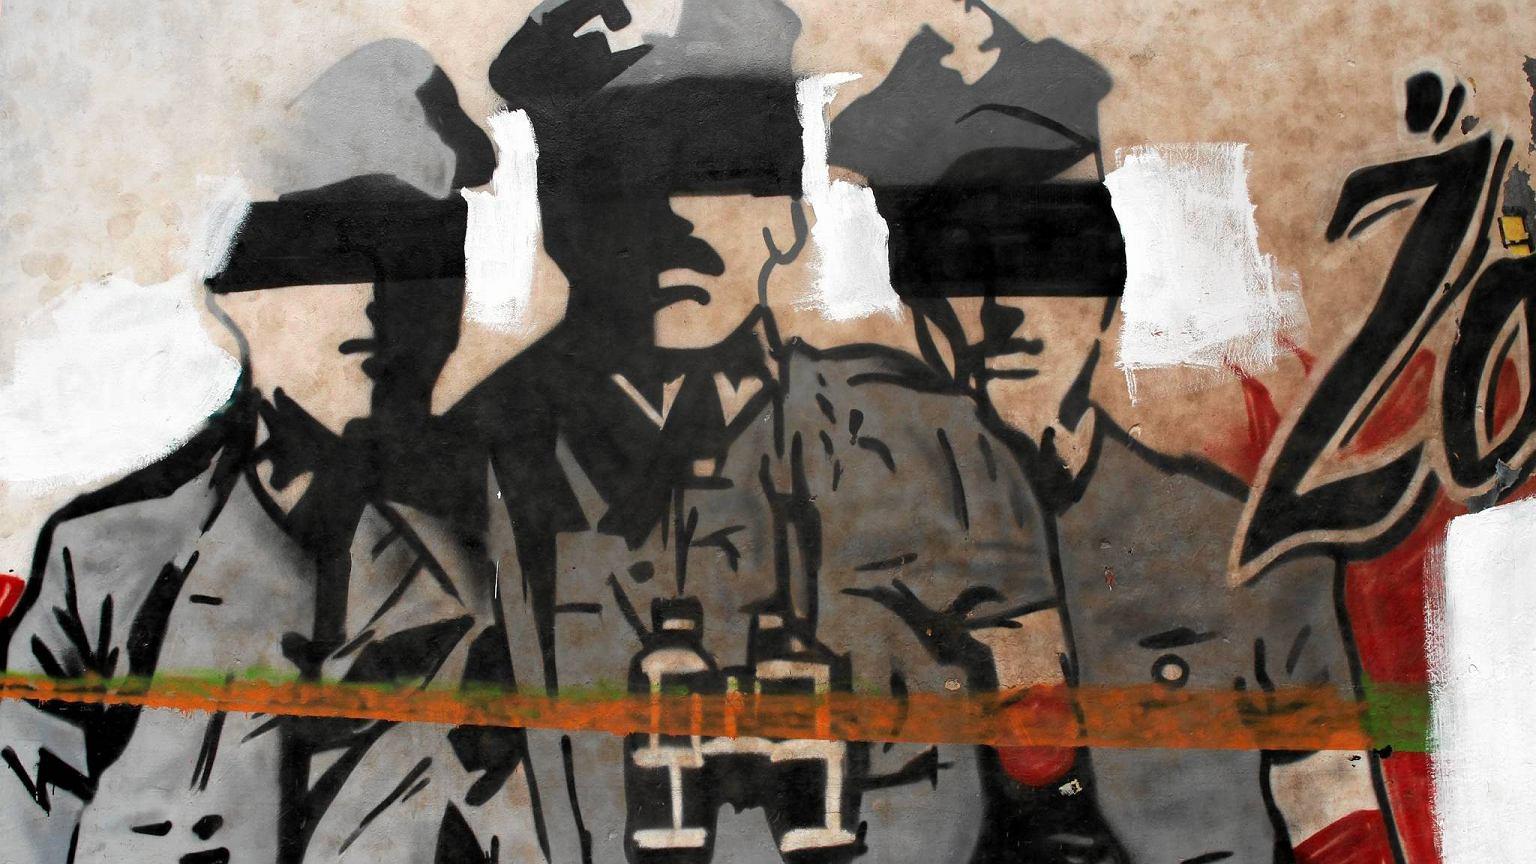 Mural dla o nierzy wykl tych na ochocie zniszczony zdj cia for Mural ursynow